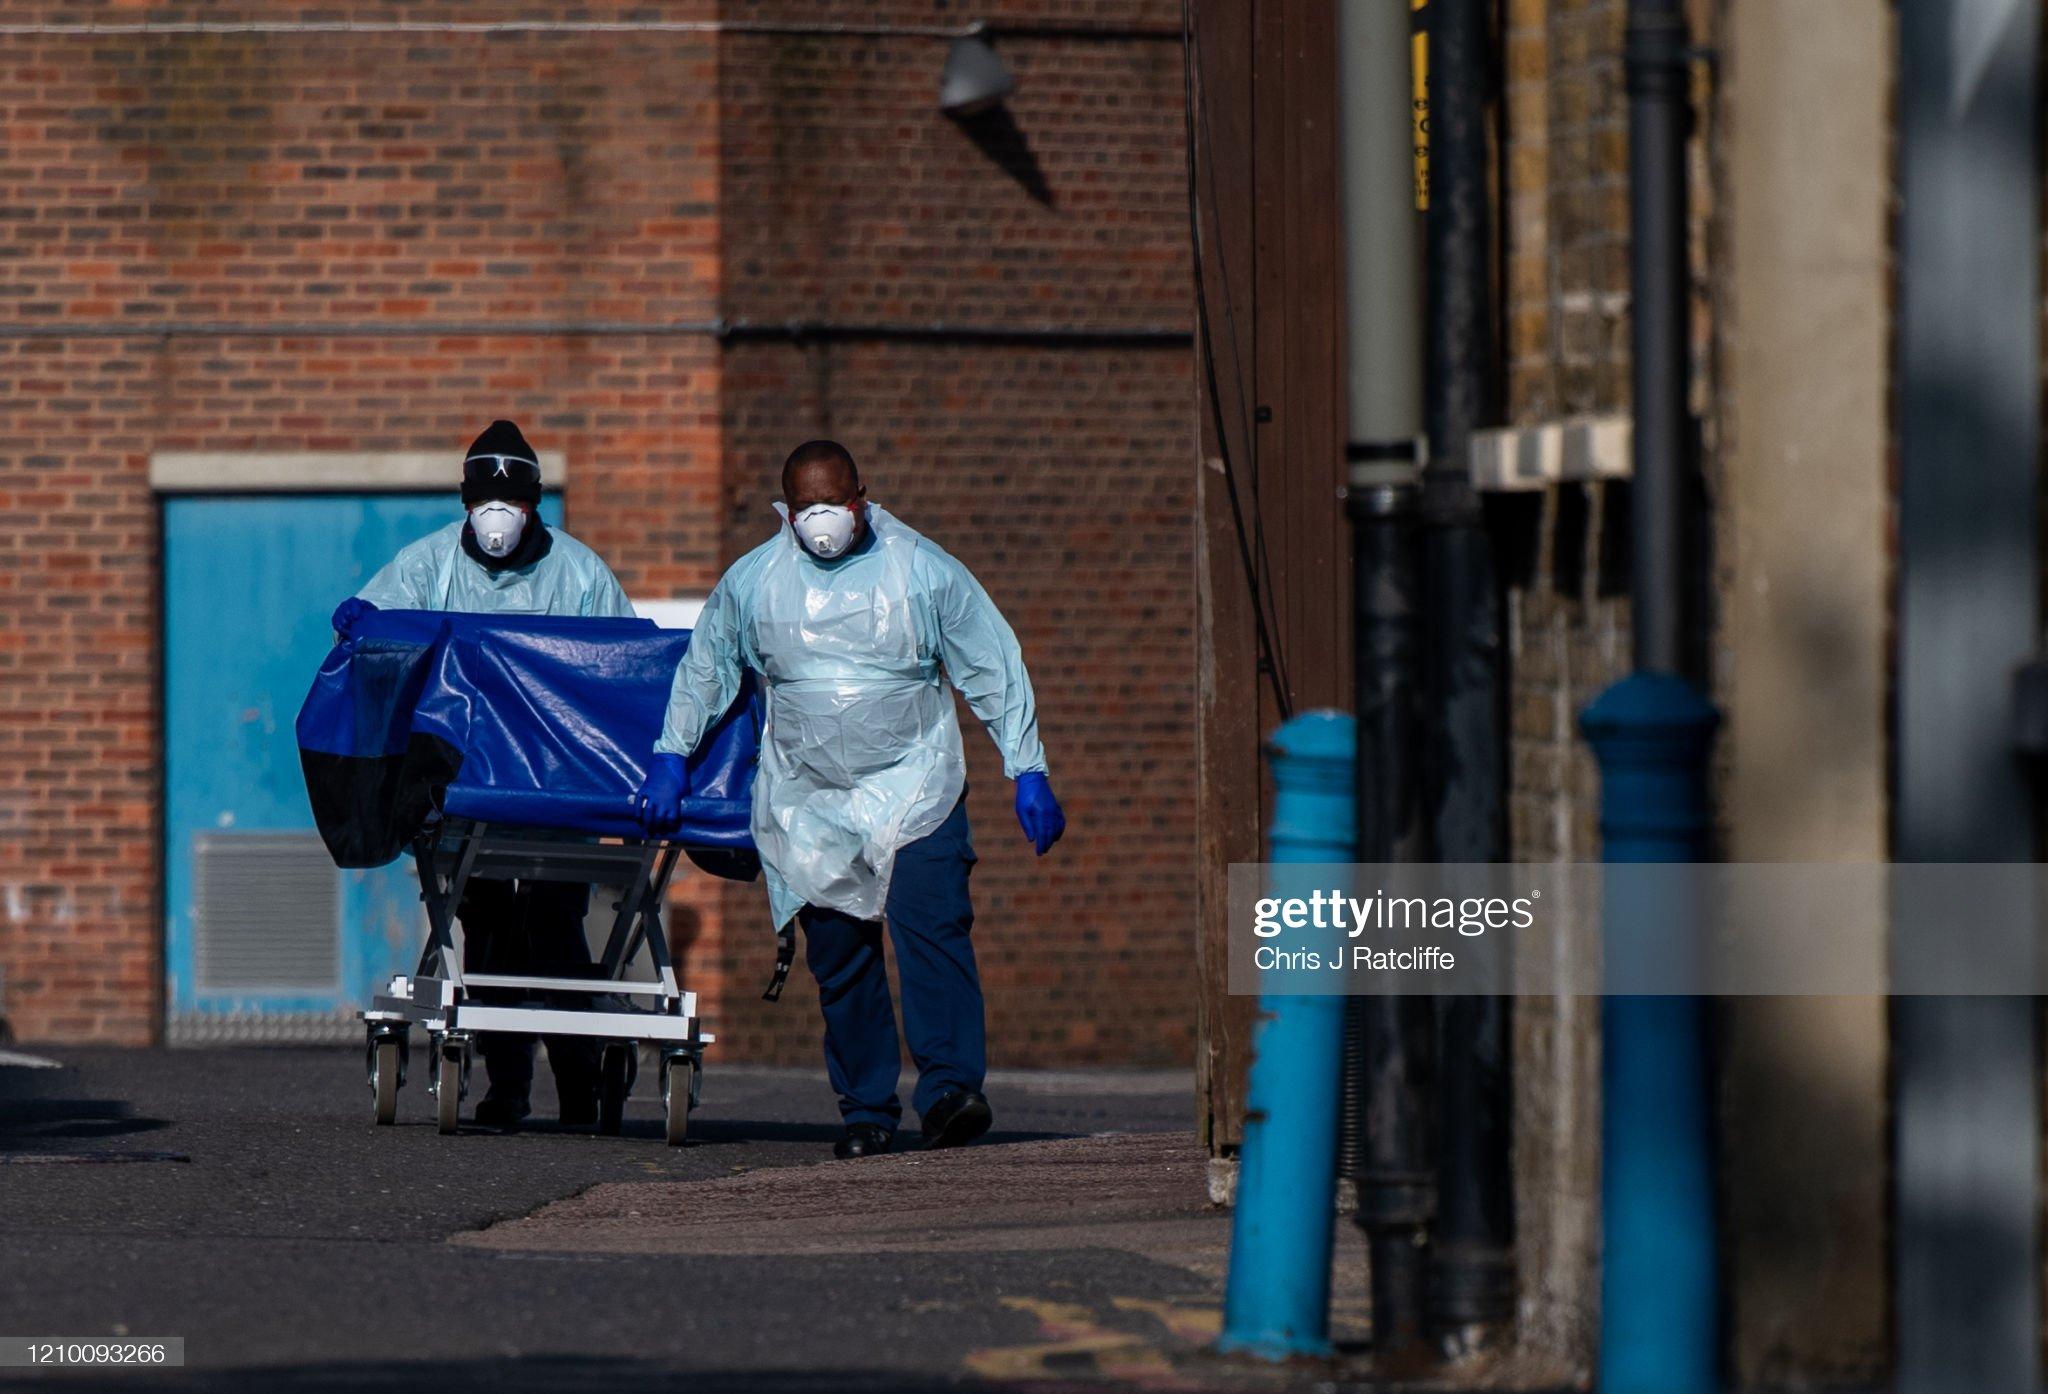 UK In Fourth Week Of Coronavirus Lockdown As Death Toll Exceeds 10,000 : News Photo